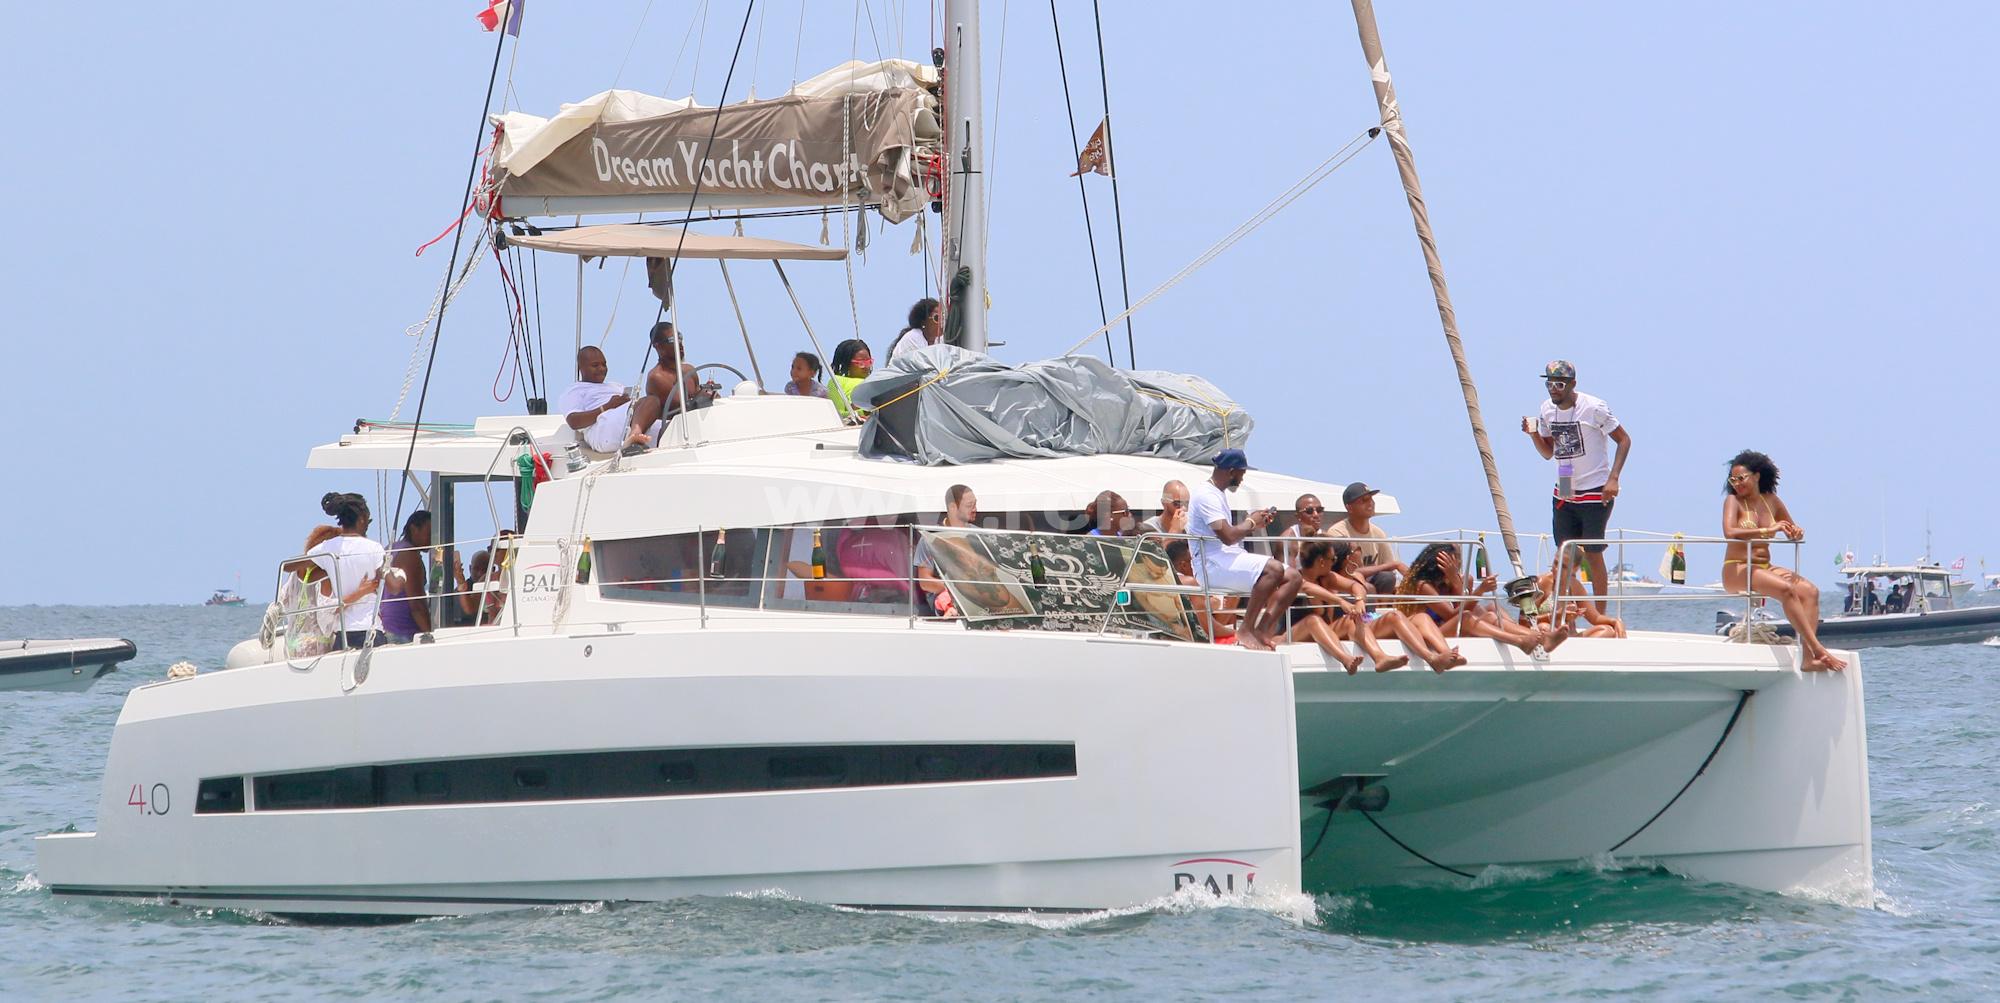 Mais que serait le tour des yoles sans les catamarans ?